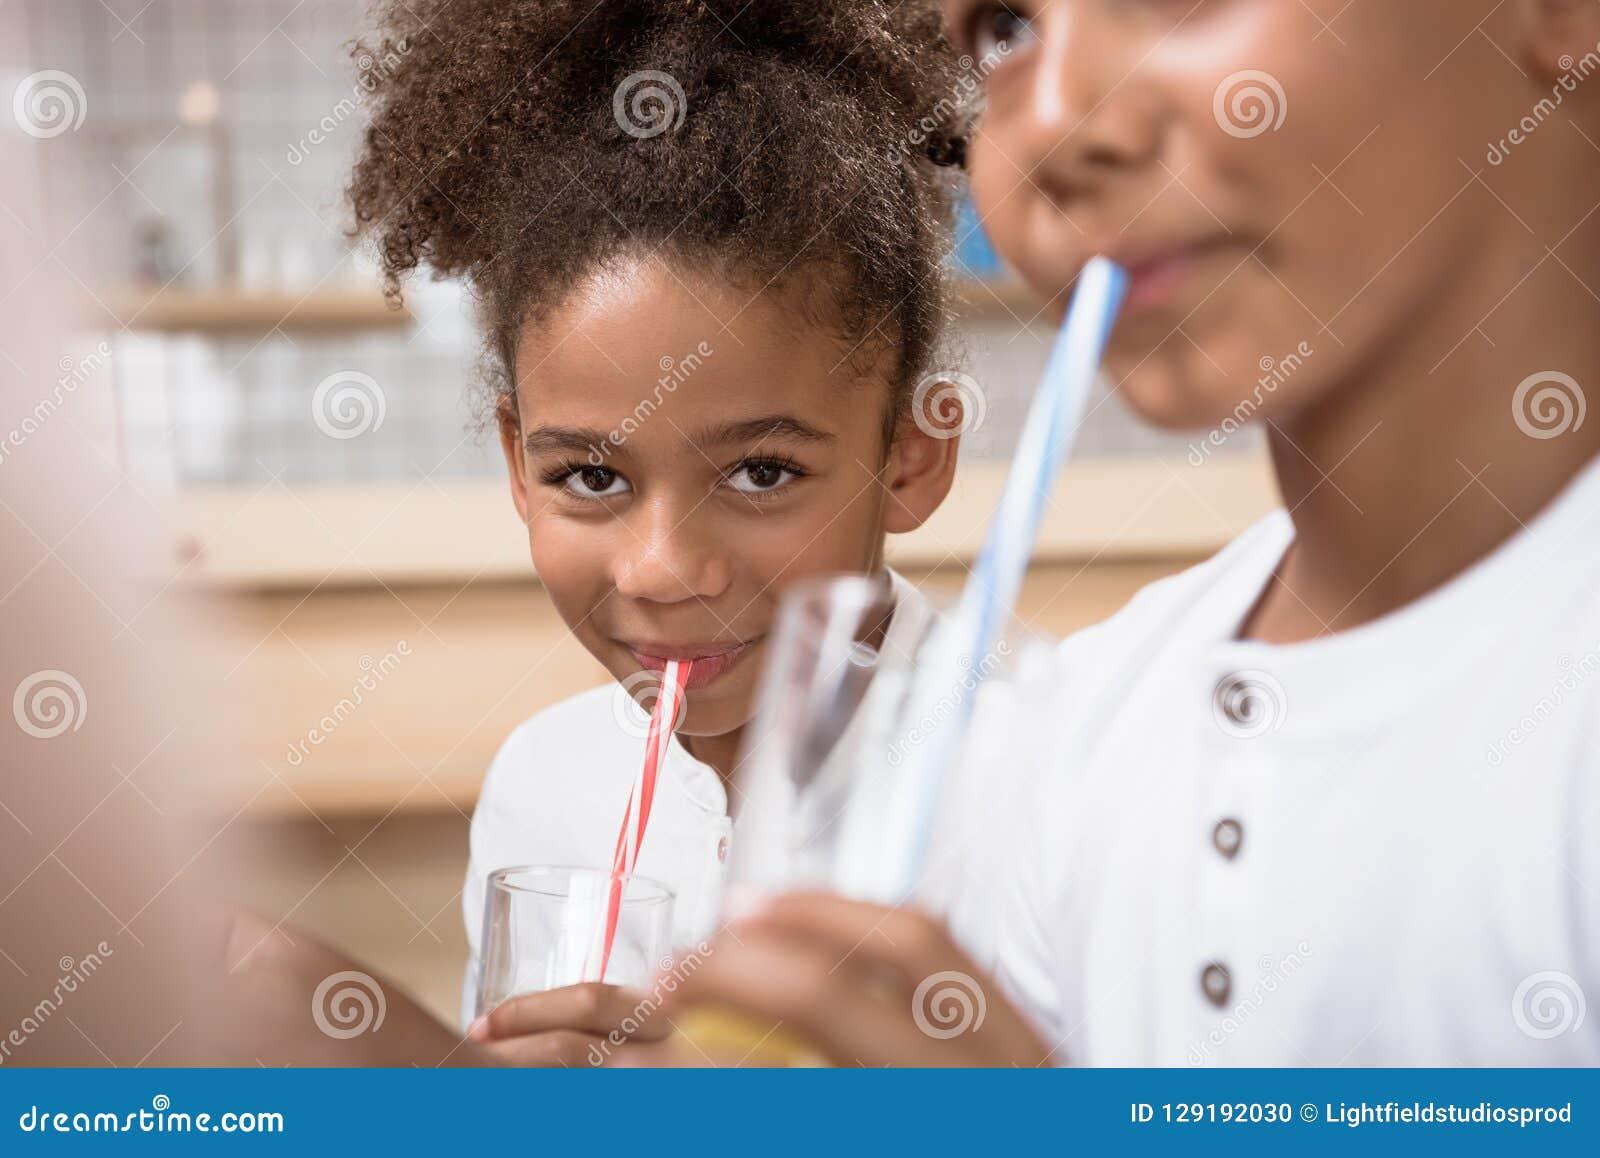 cute african-american kids drinking juice